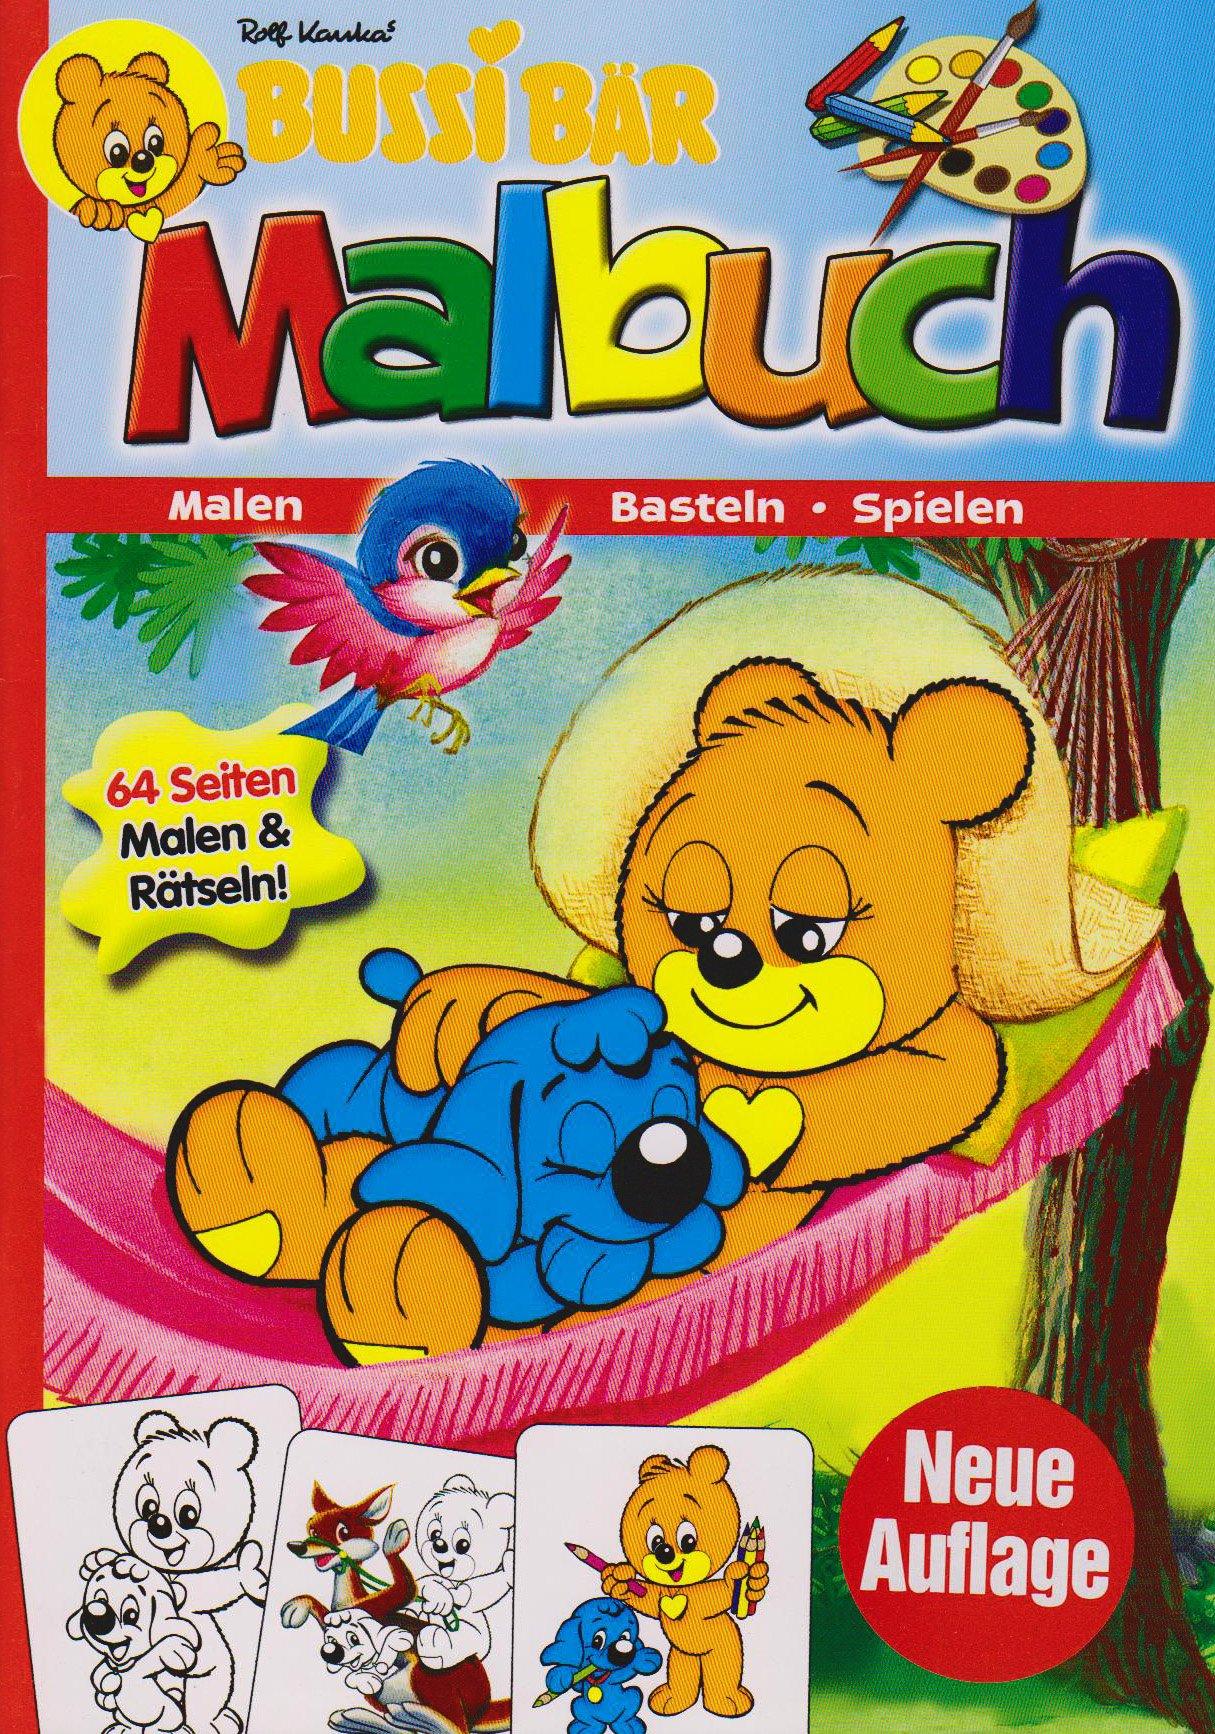 Charmant Teddybär Malbuch Fotos - Malvorlagen Von Tieren - ngadi.info